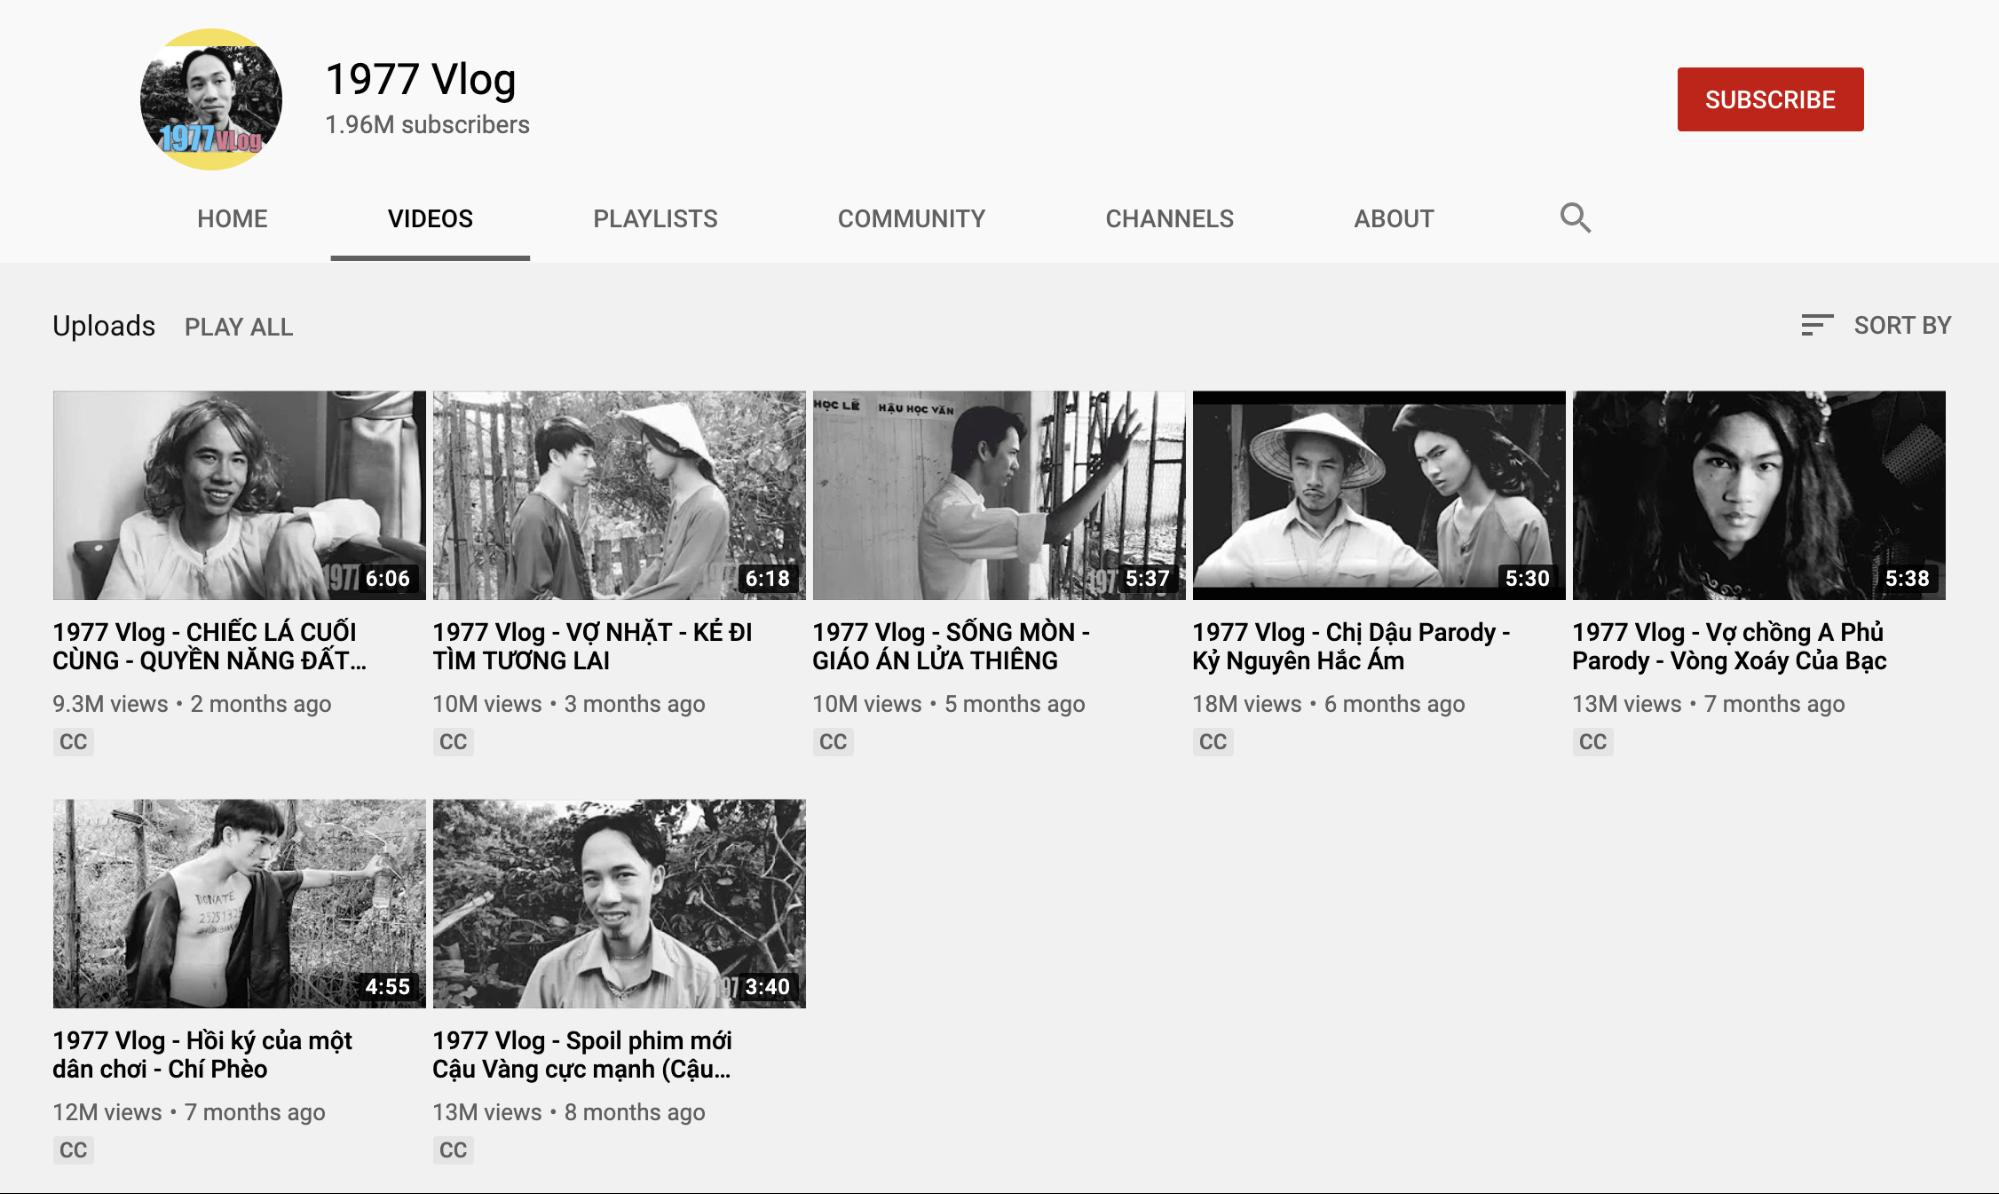 Chiến thuật tăng Subscriber cho kênh Youtube